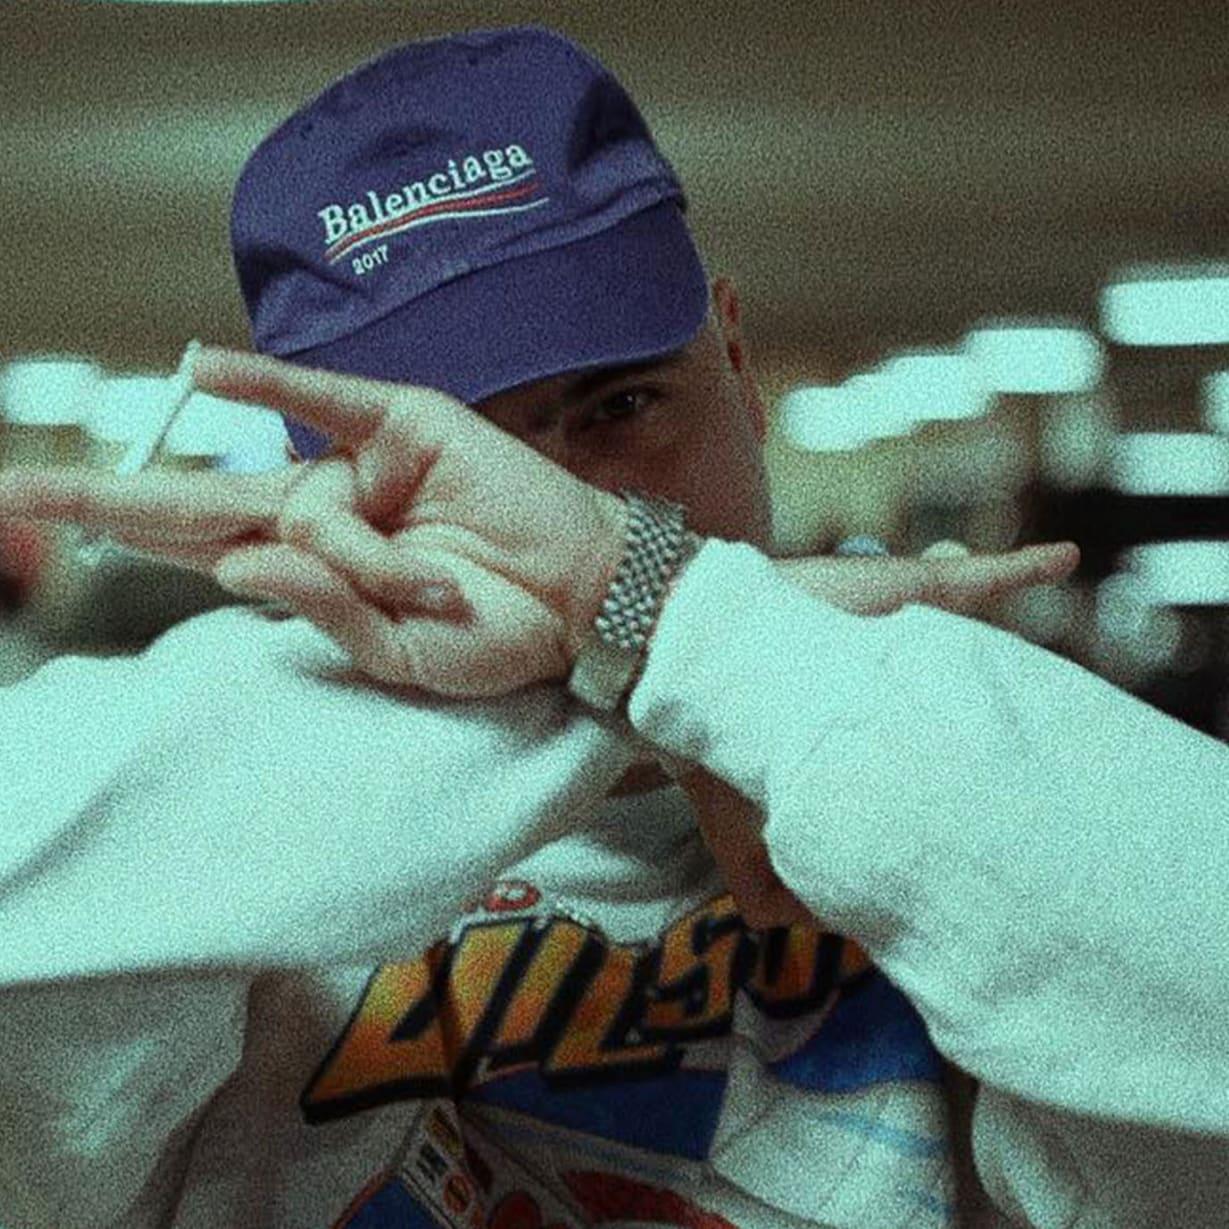 man in sweatshirt and cap in parking lot